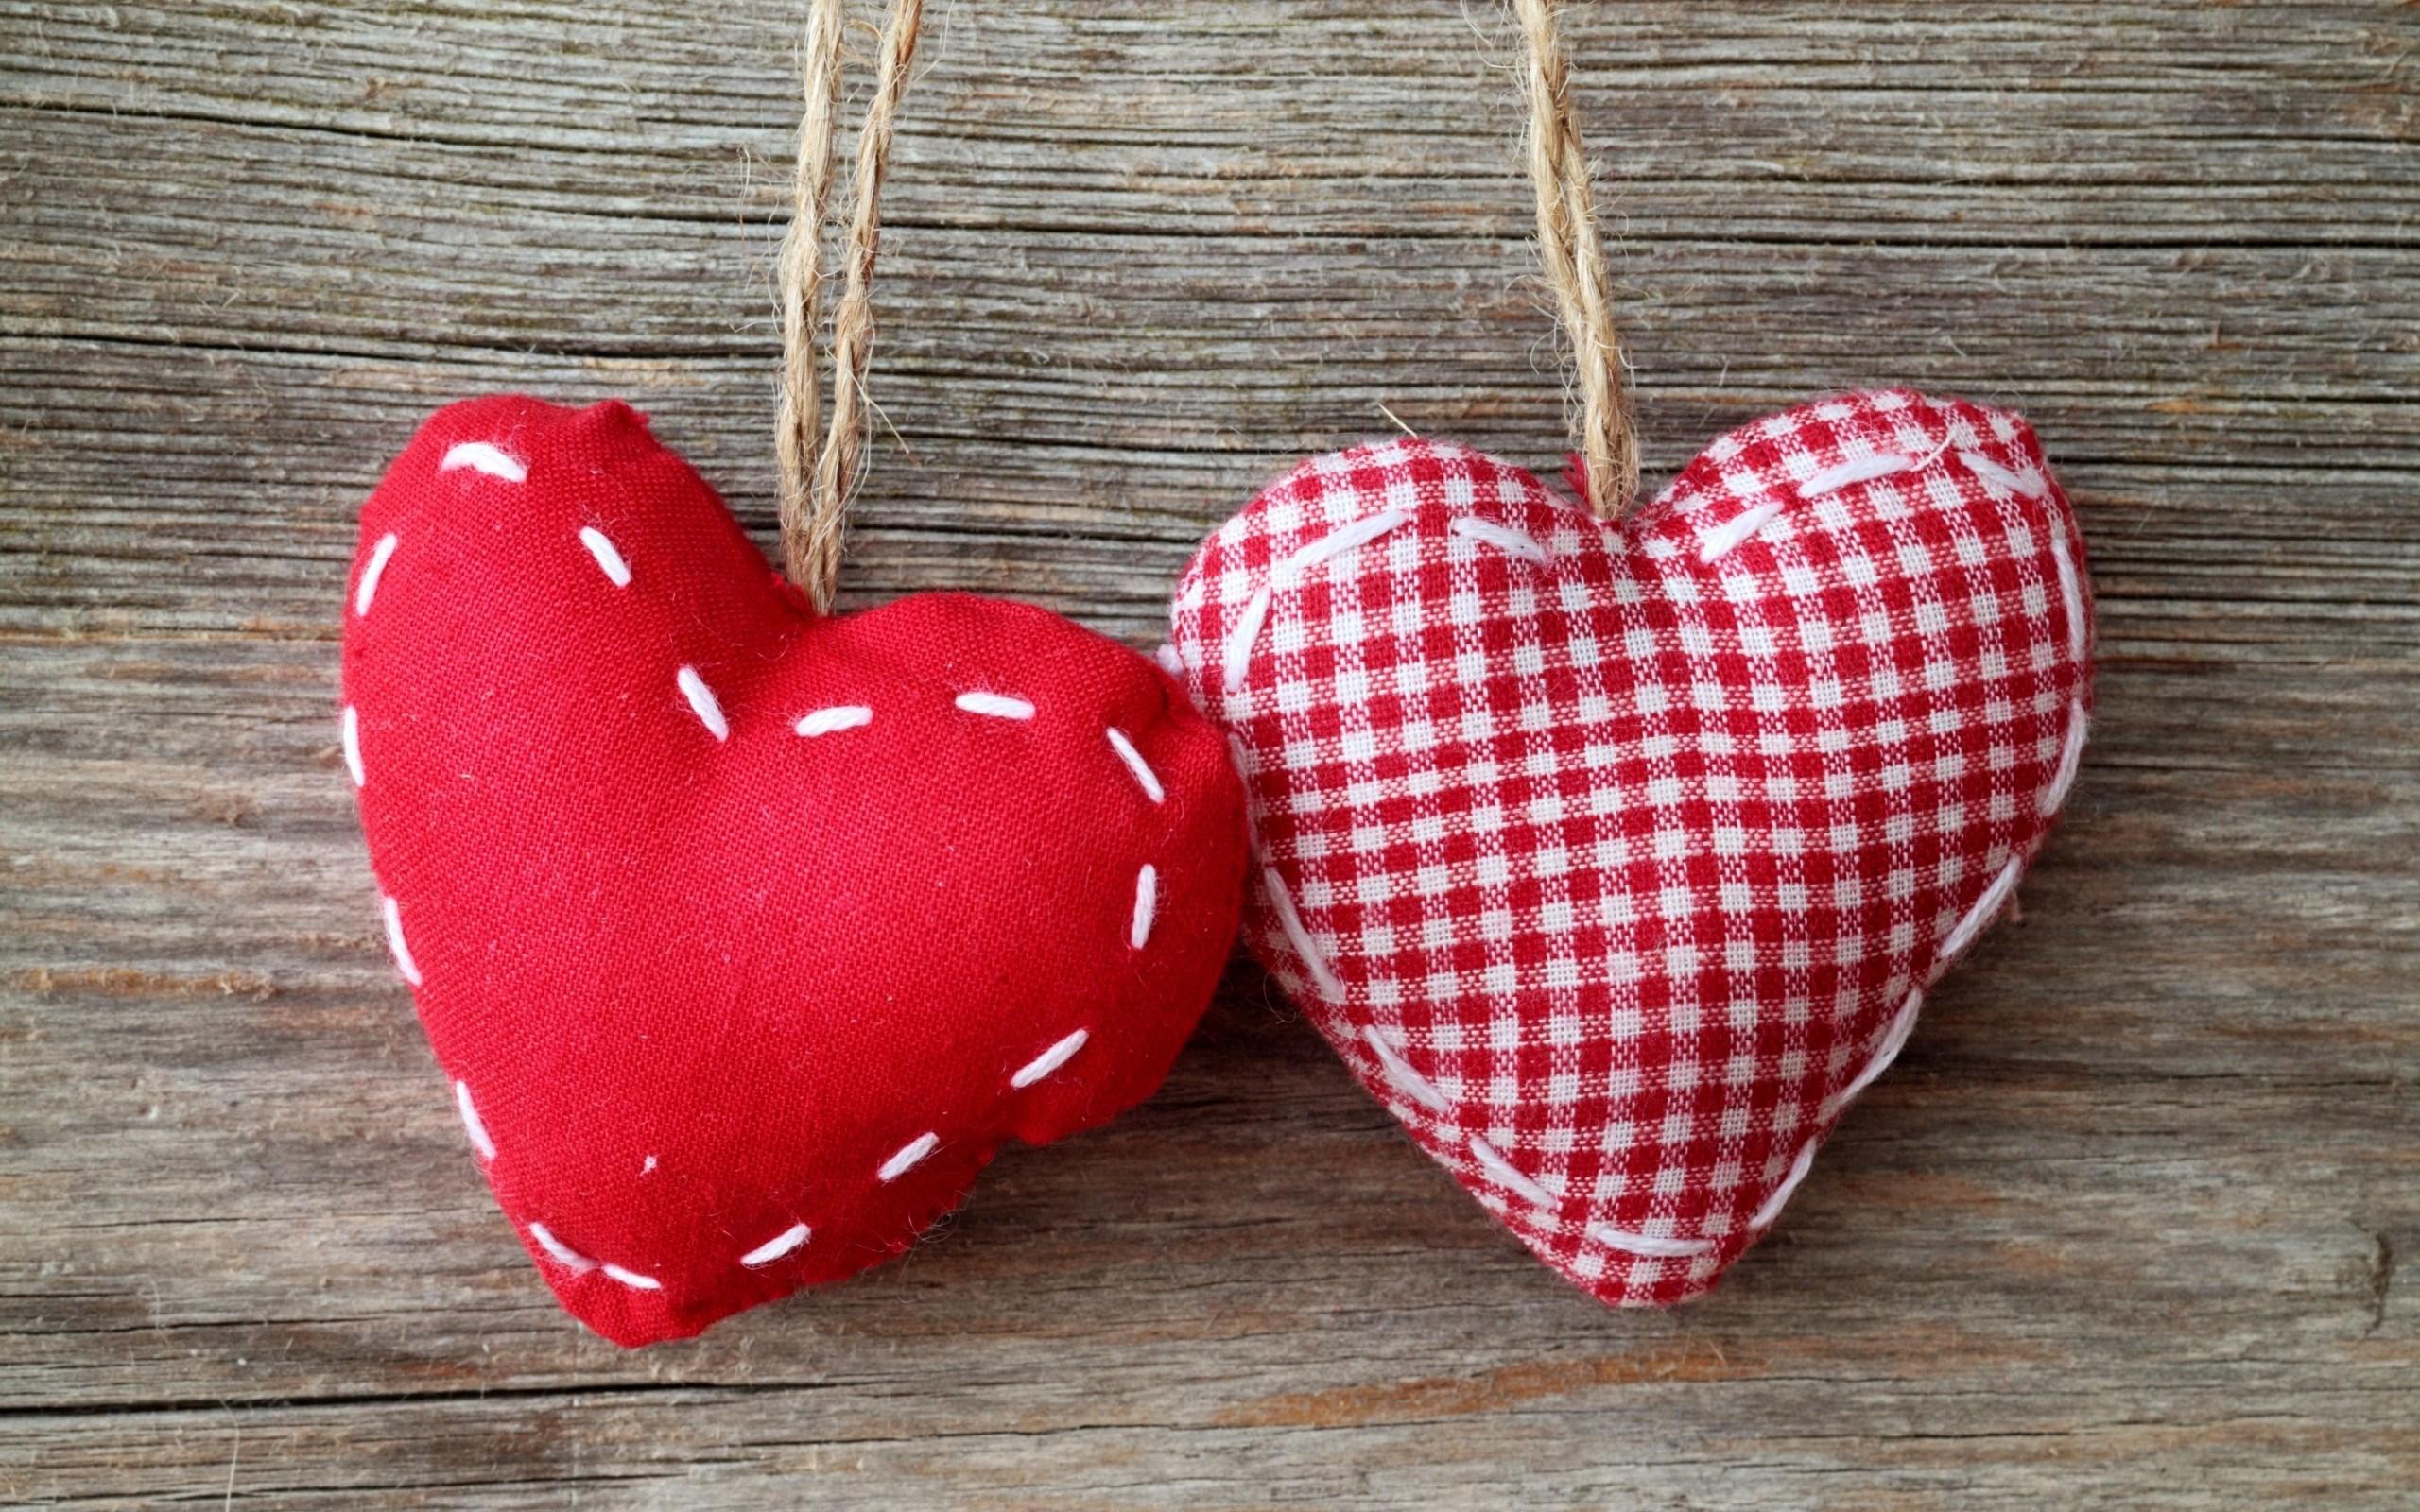 صورة خلفيات حب ورومانسية وقلوب لكل العشاق والرومانسيين , خلفيات رومانسية